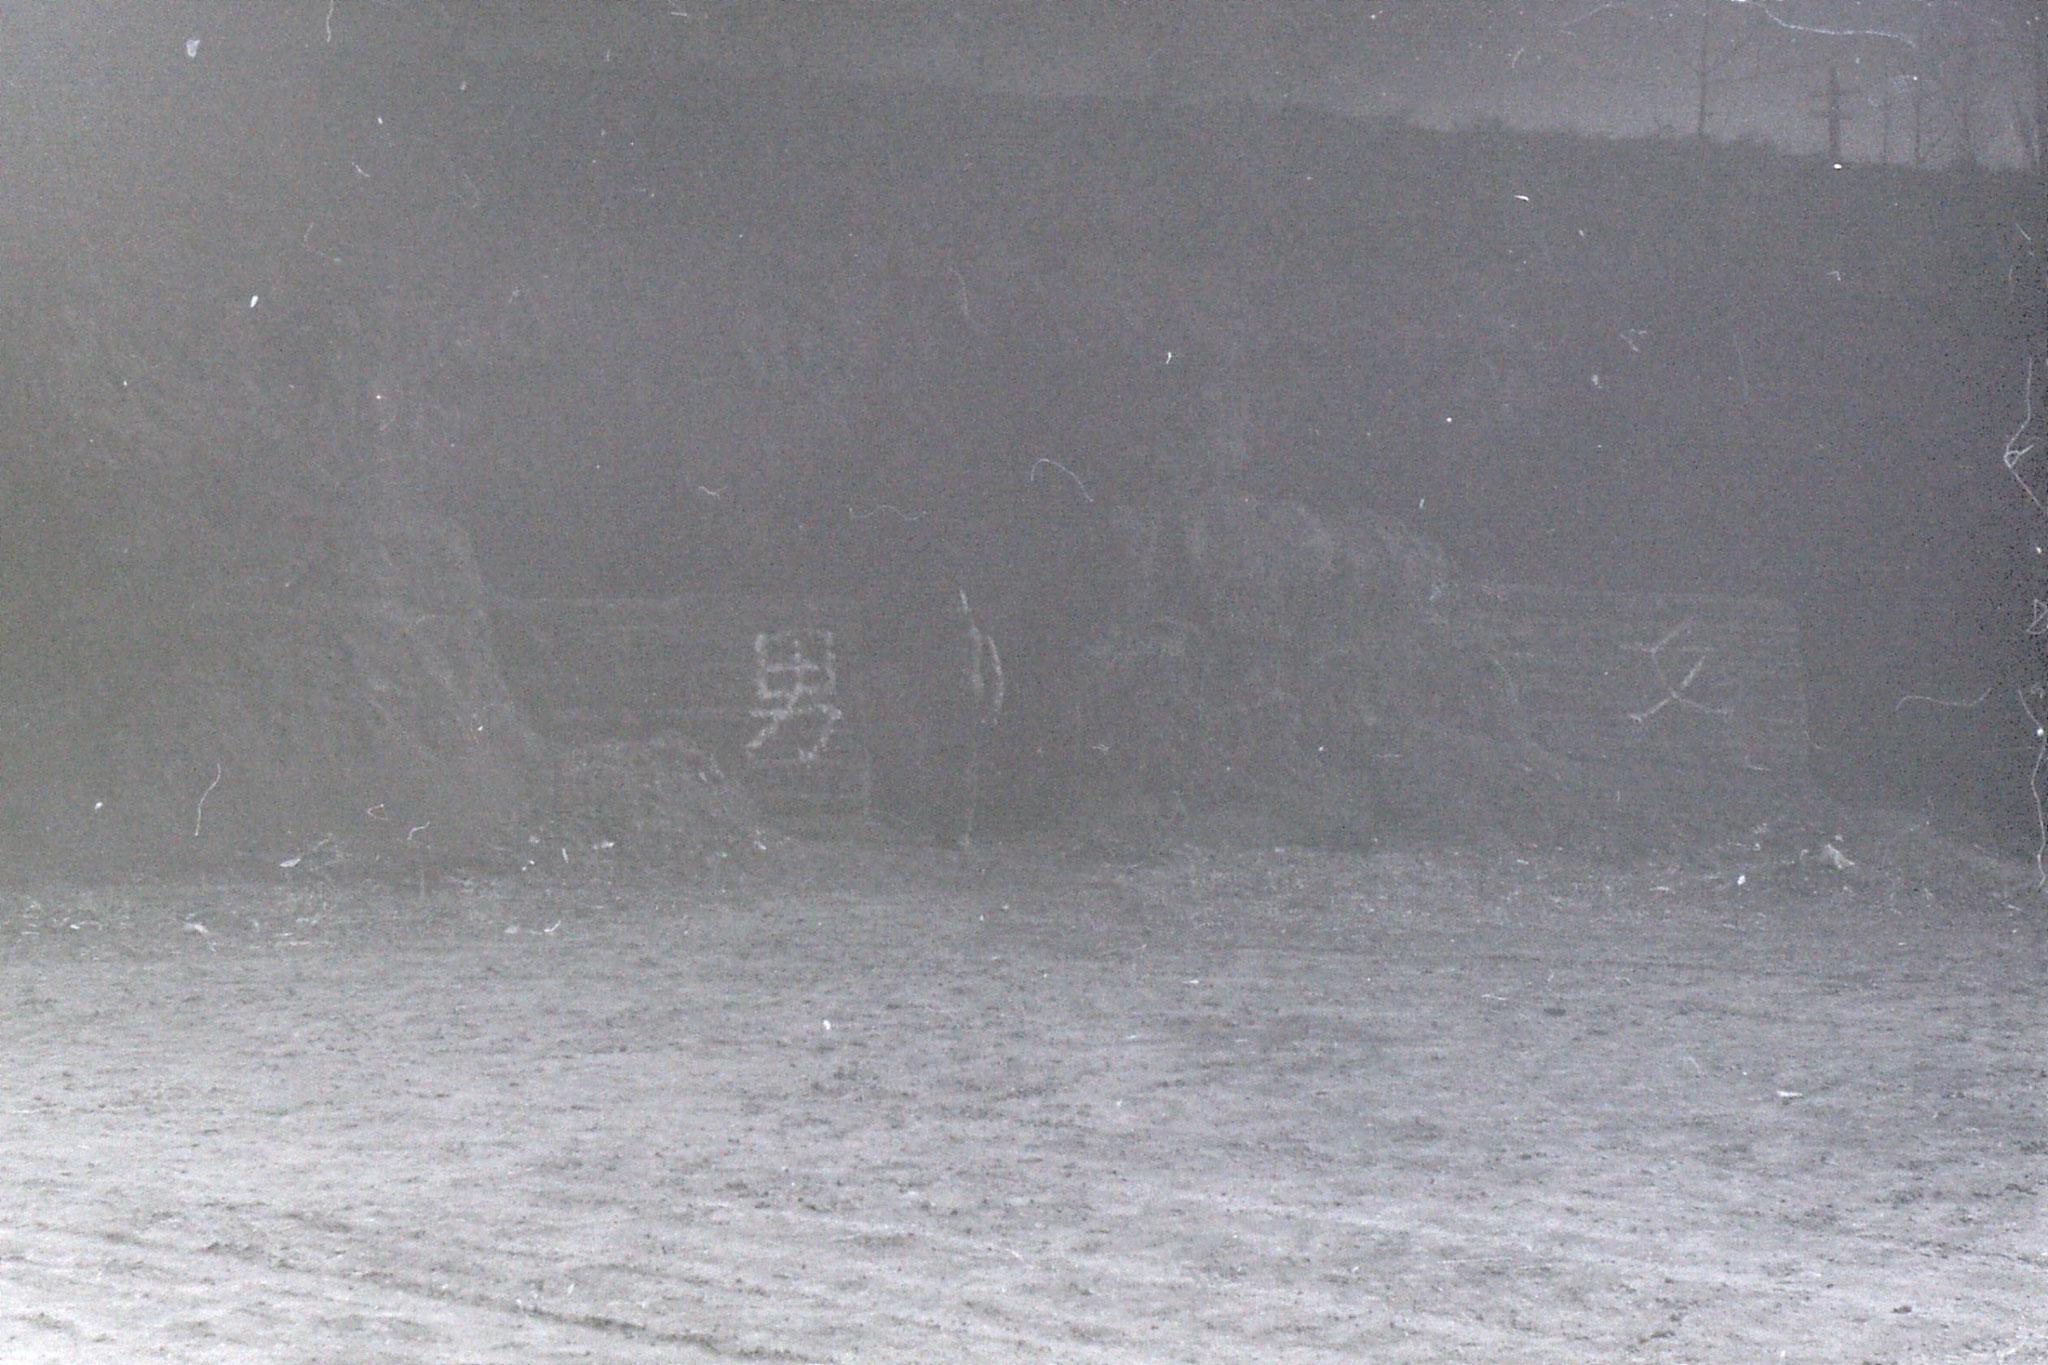 7/3/1989: 24: Xianyang